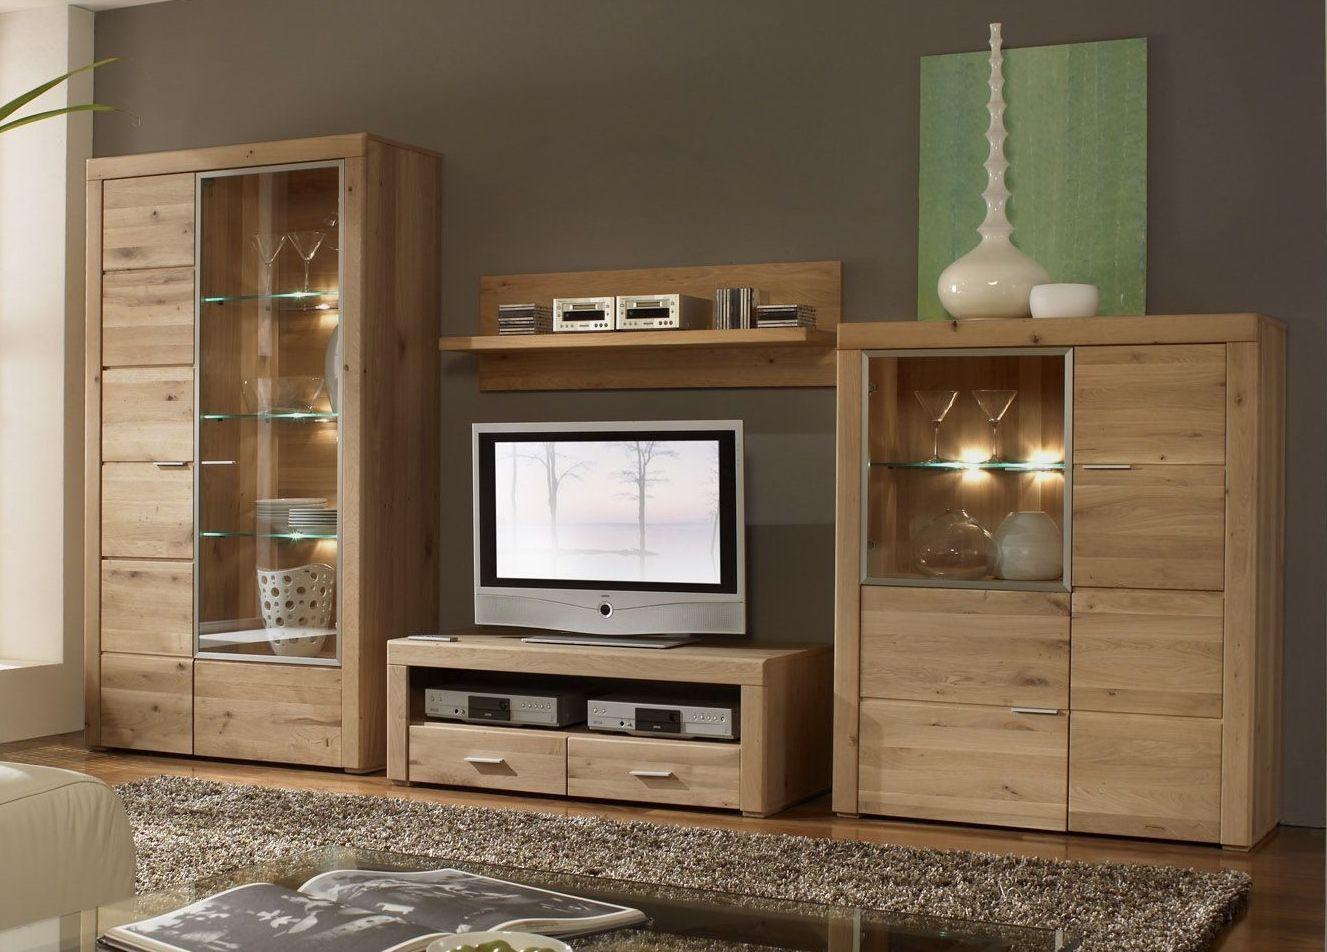 etna wohnwand 4 tlg anbauwand eiche massiv ge lt wohnen m bel g nstig kaufen wohnzimmer. Black Bedroom Furniture Sets. Home Design Ideas